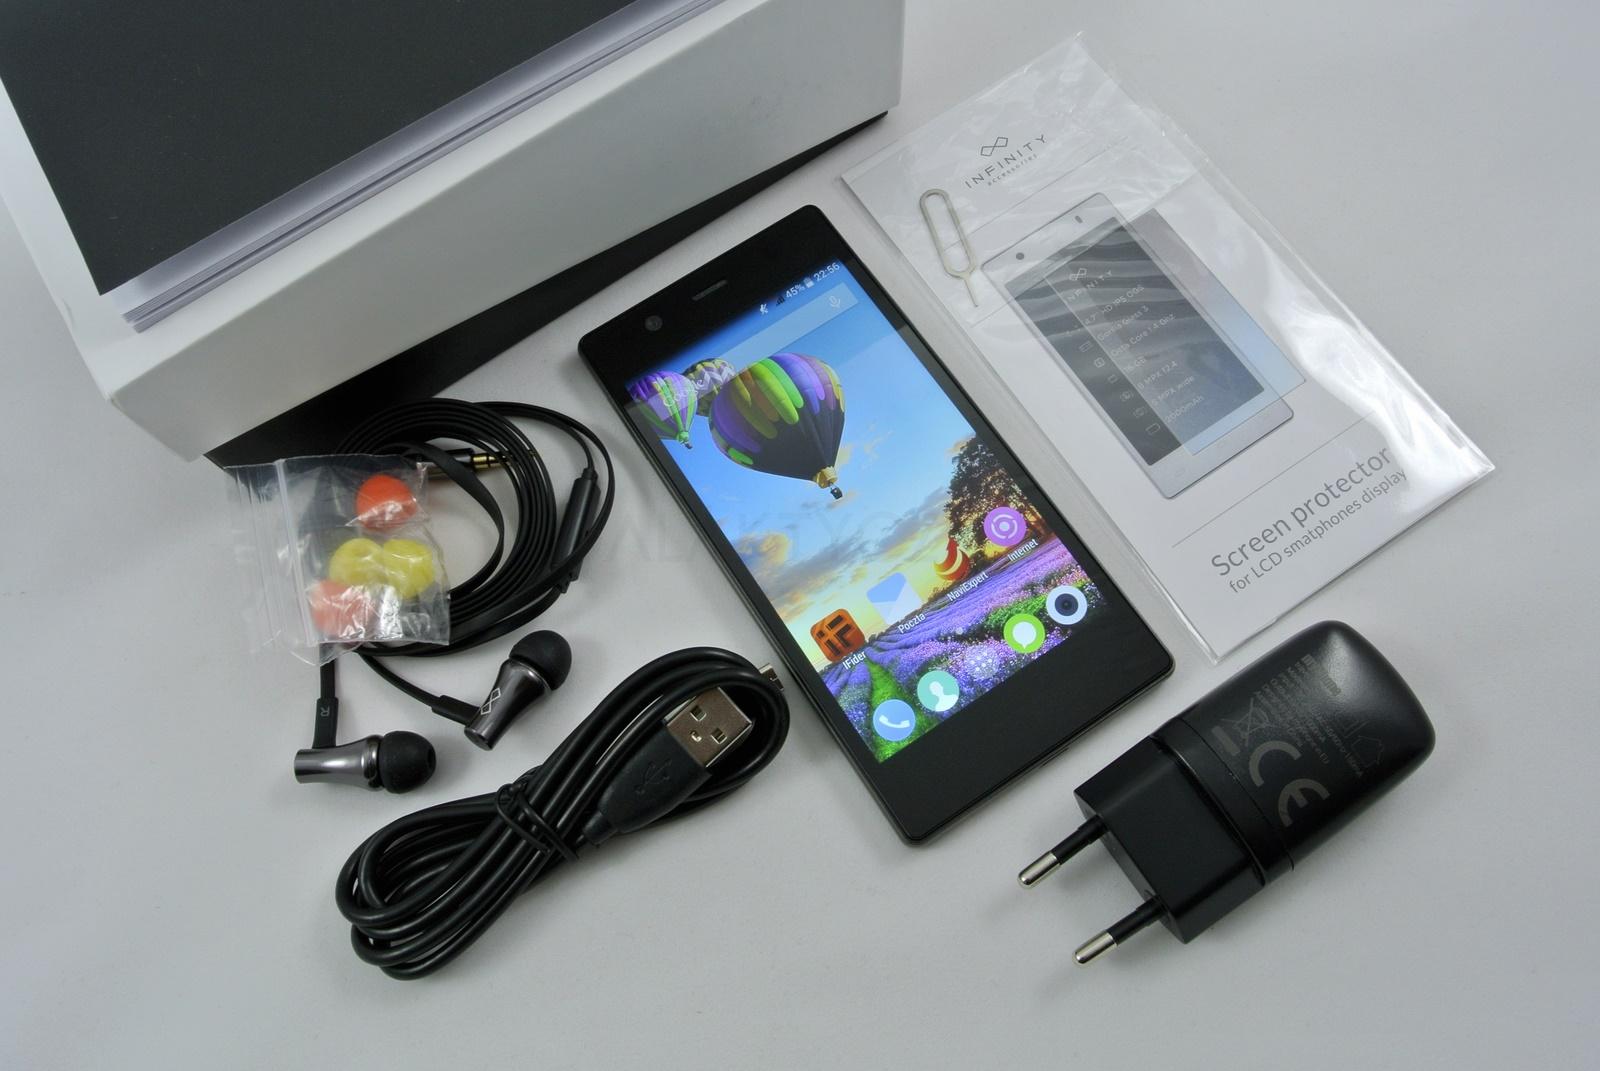 myPhone Infinity 3G - zestaw / fot. galaktyczny.pl